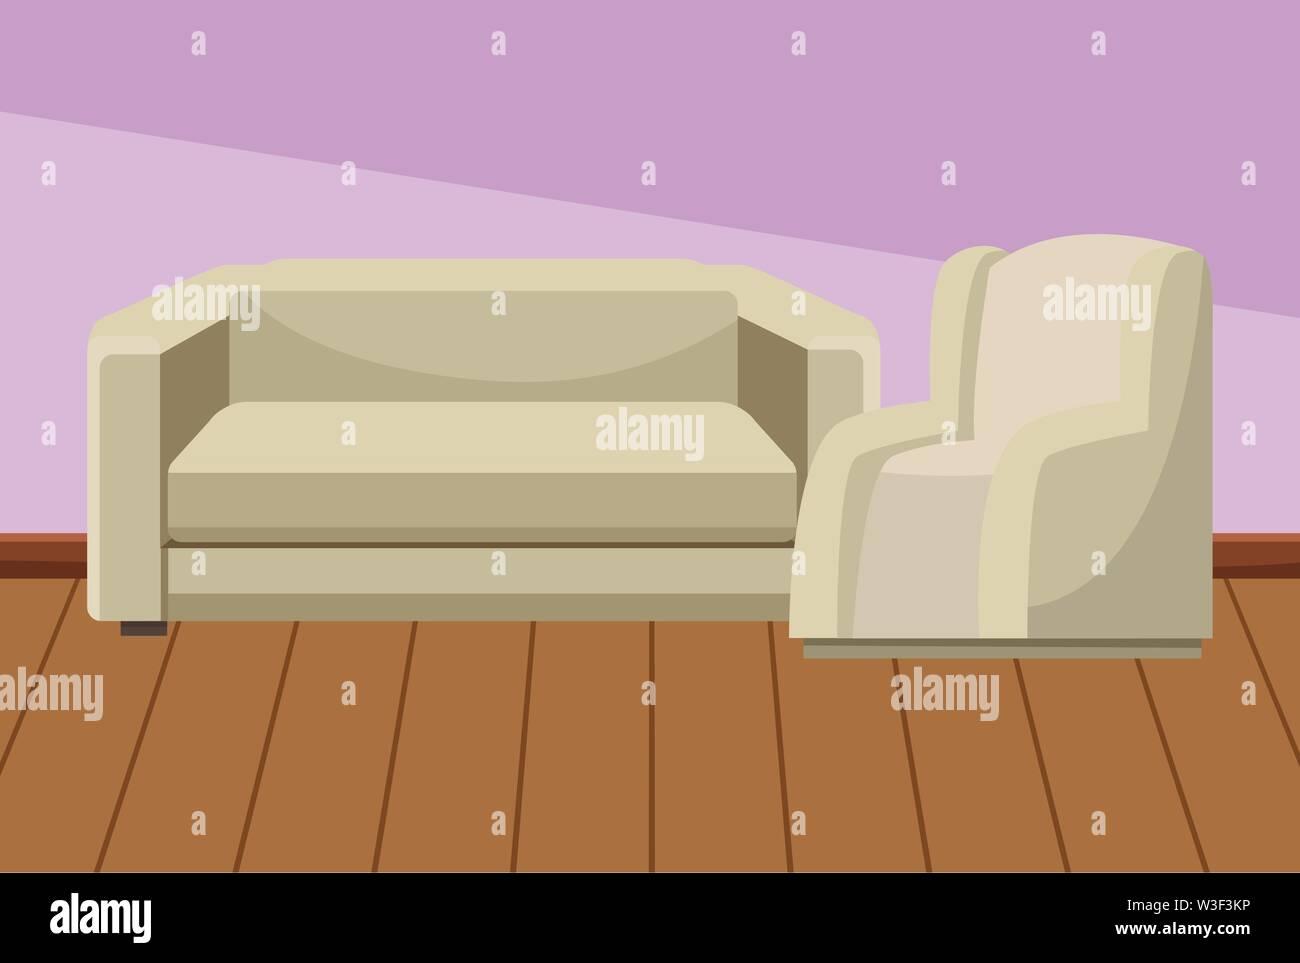 Chambre ensemble de canapé fauteuils accueil mobilier intérieur bâtiment paysage avec plancher en bois ,vector illustration graphic design. Photo Stock